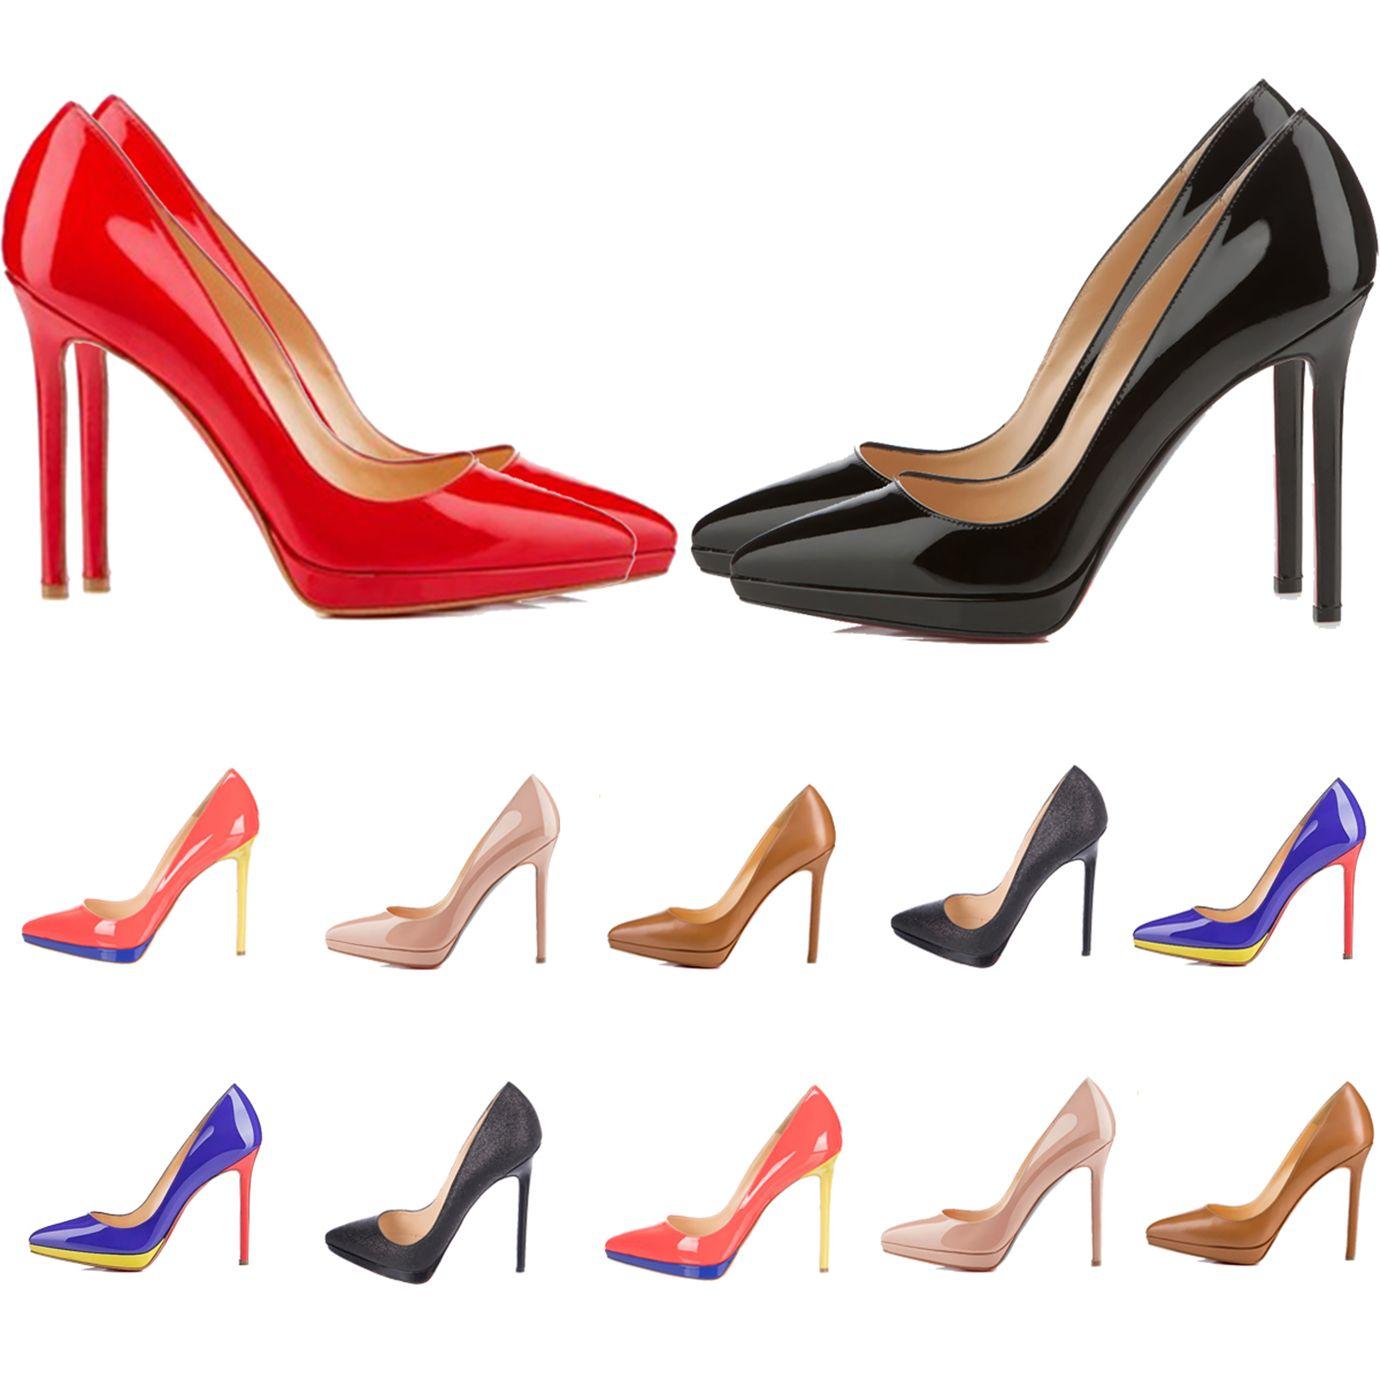 Sandálias Mulheres Vestido Sapatos Vermelho Bottom High Heavens Womens Luxurys Designers Genuíno Bombas de Couro Senhora Bottoms com Box 0322